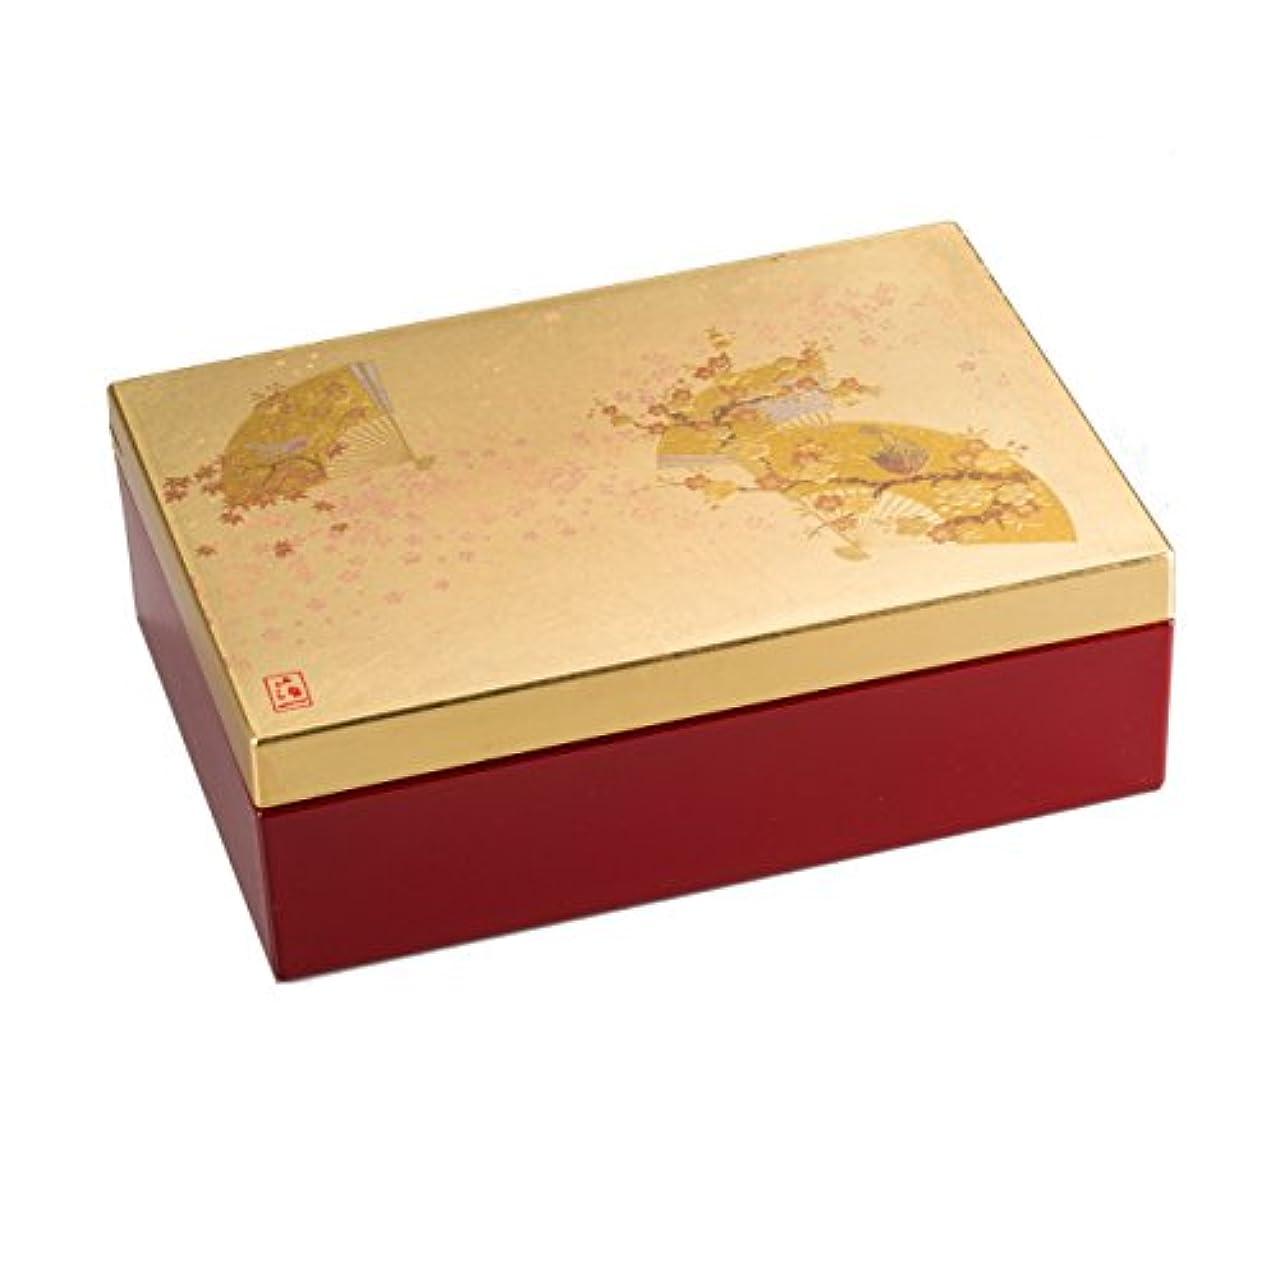 エレガントびんイライラする箔一 ジュエリー収納 ゴールド 115×165×55mm うららか アクセサリーBOX A122-04006